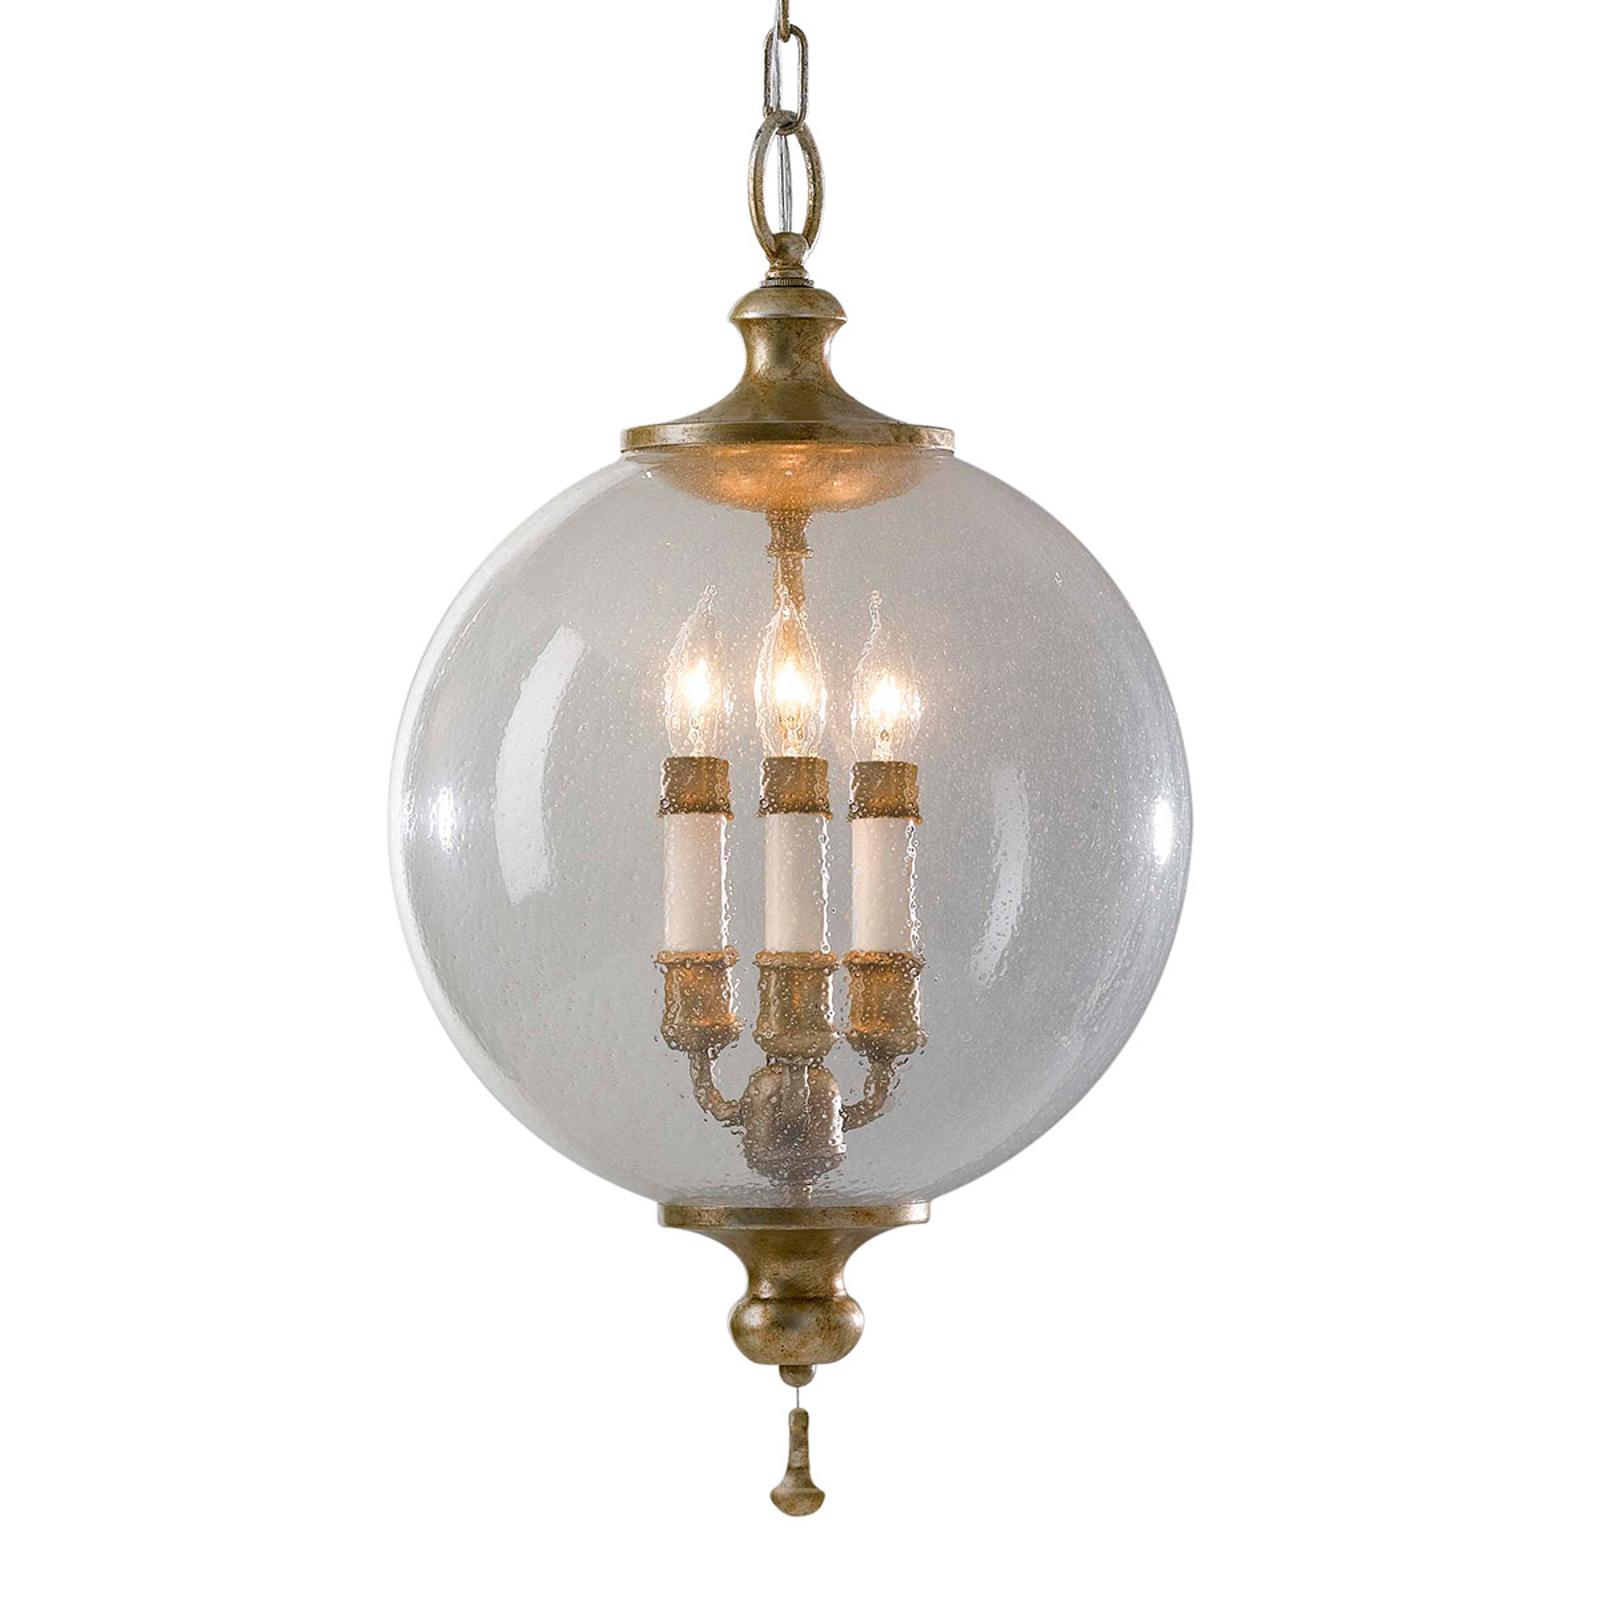 Hanglamp Argento met glasbol